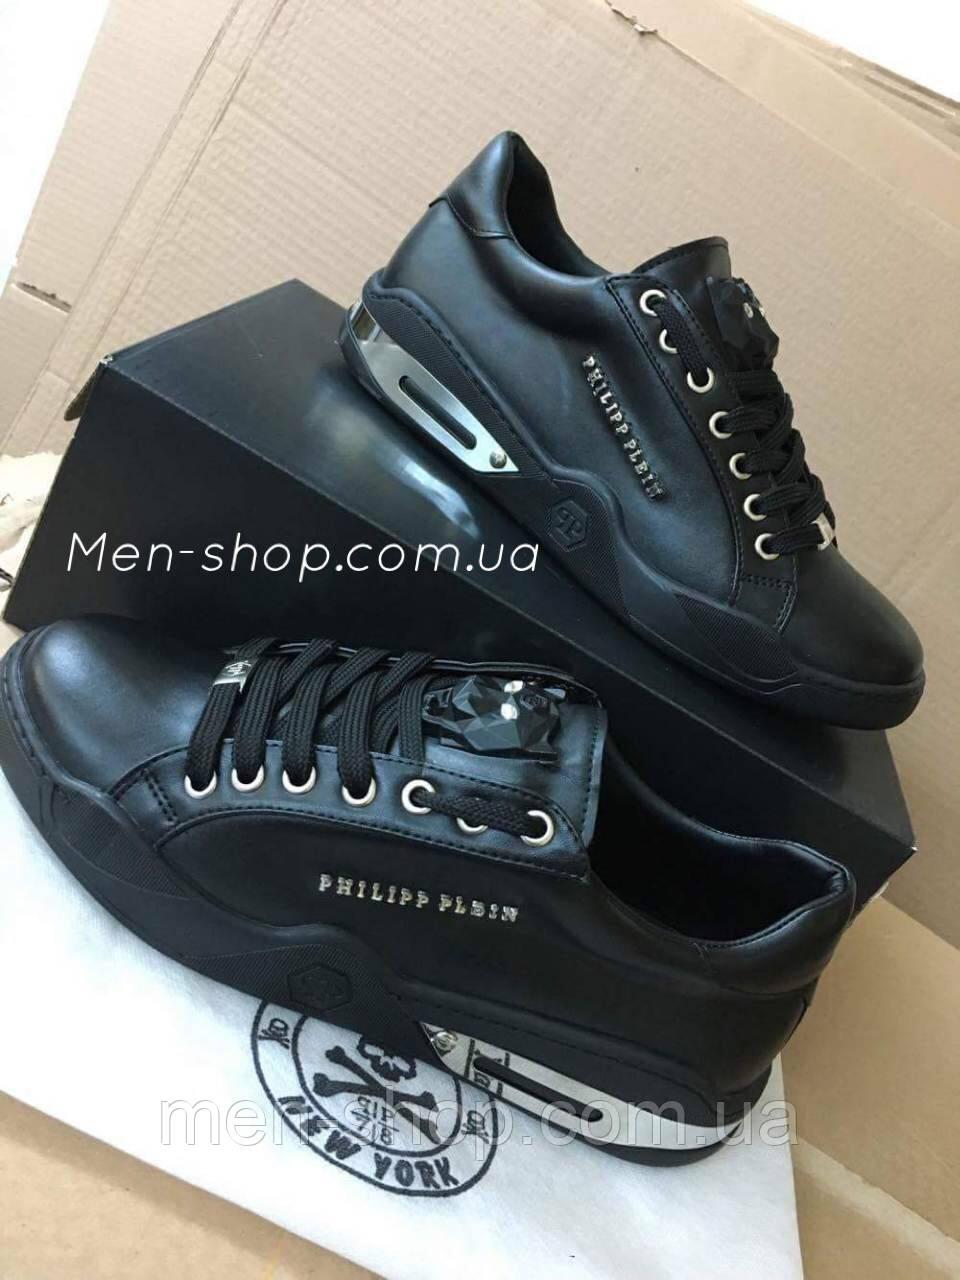 Кроссовки в стиле  Philipp Plein Piction Black